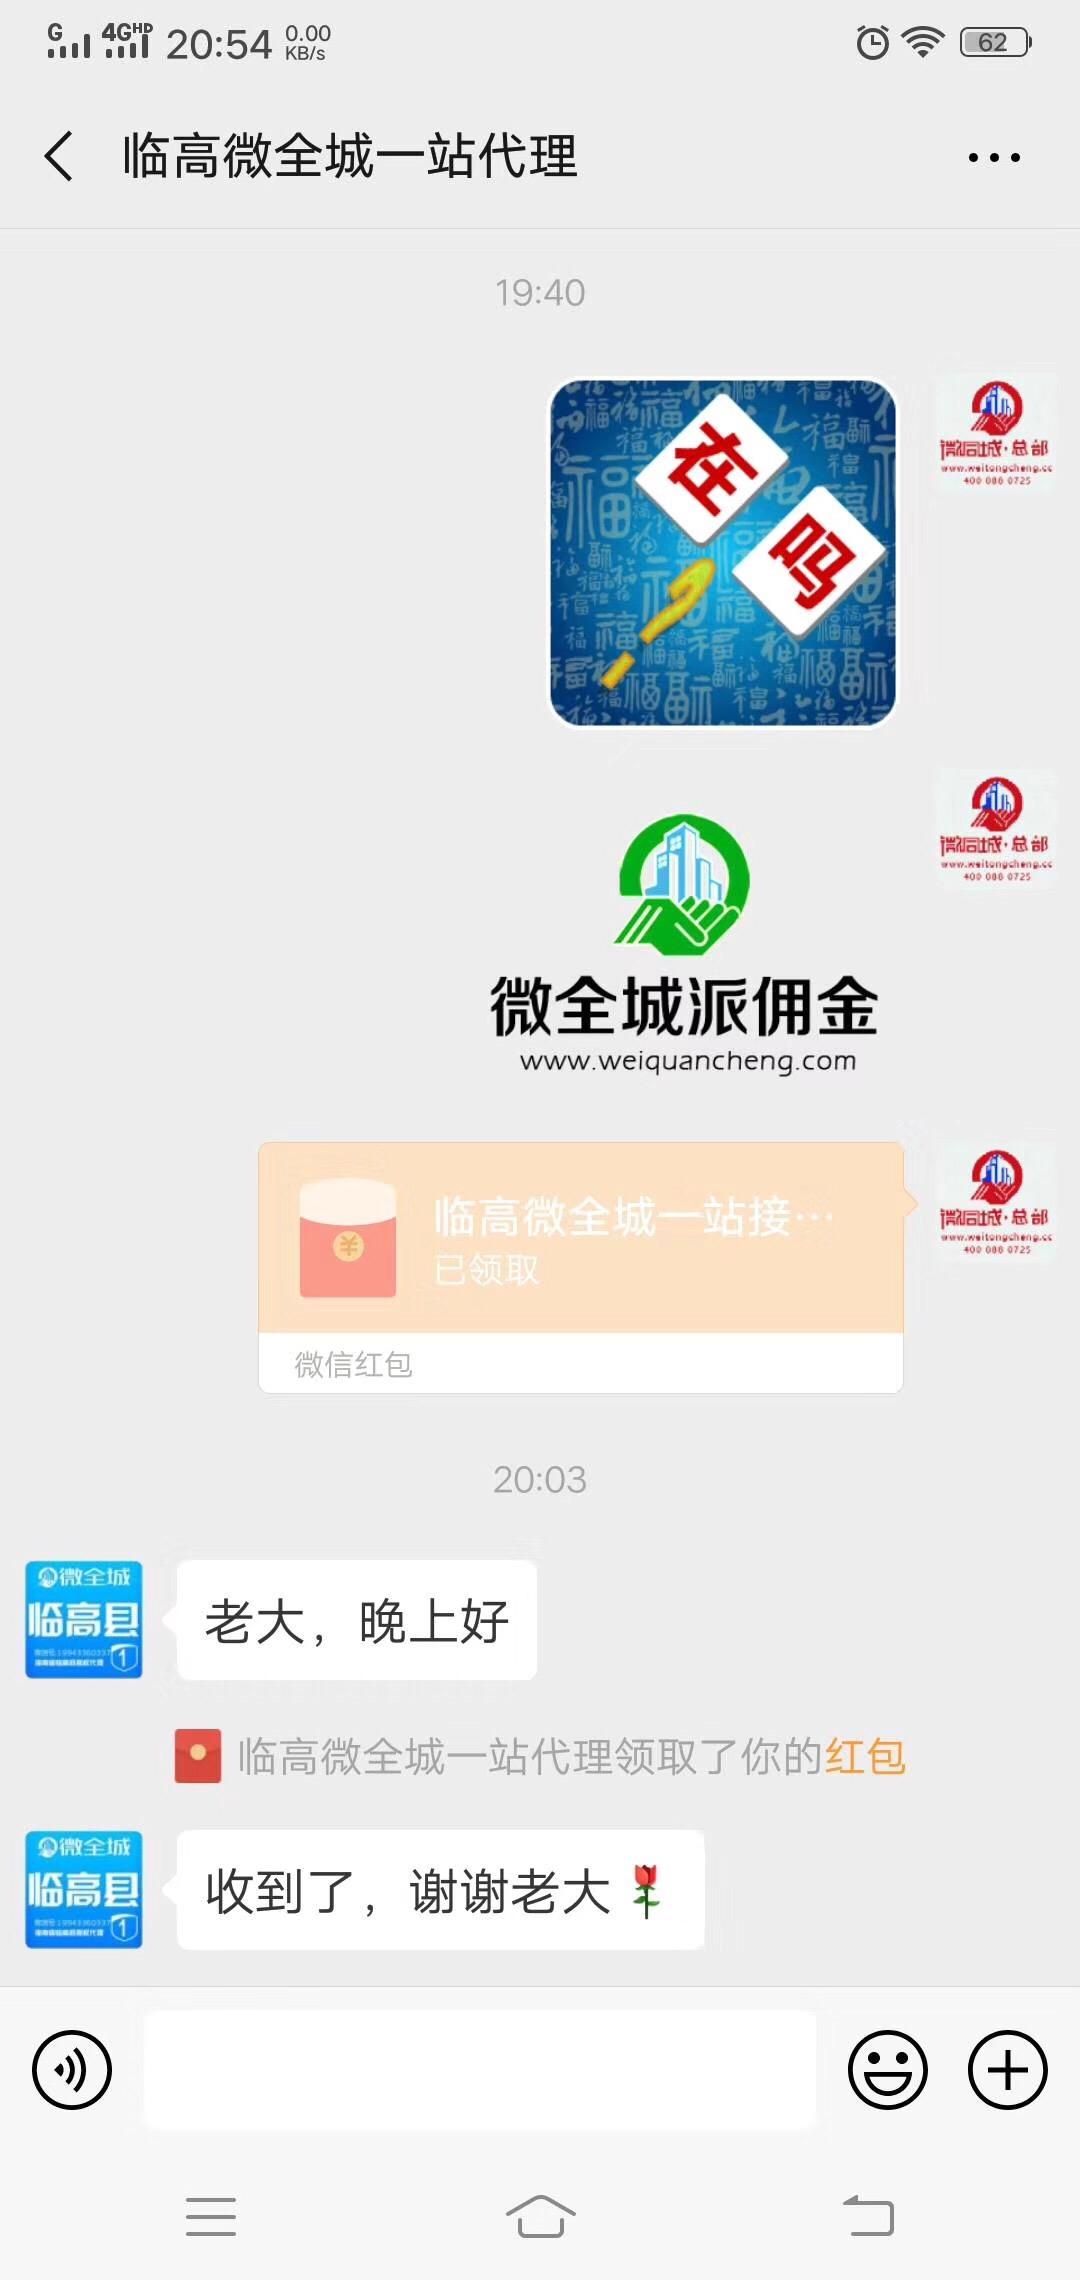 【赚144元】临高微全城微帮一站广告佣金